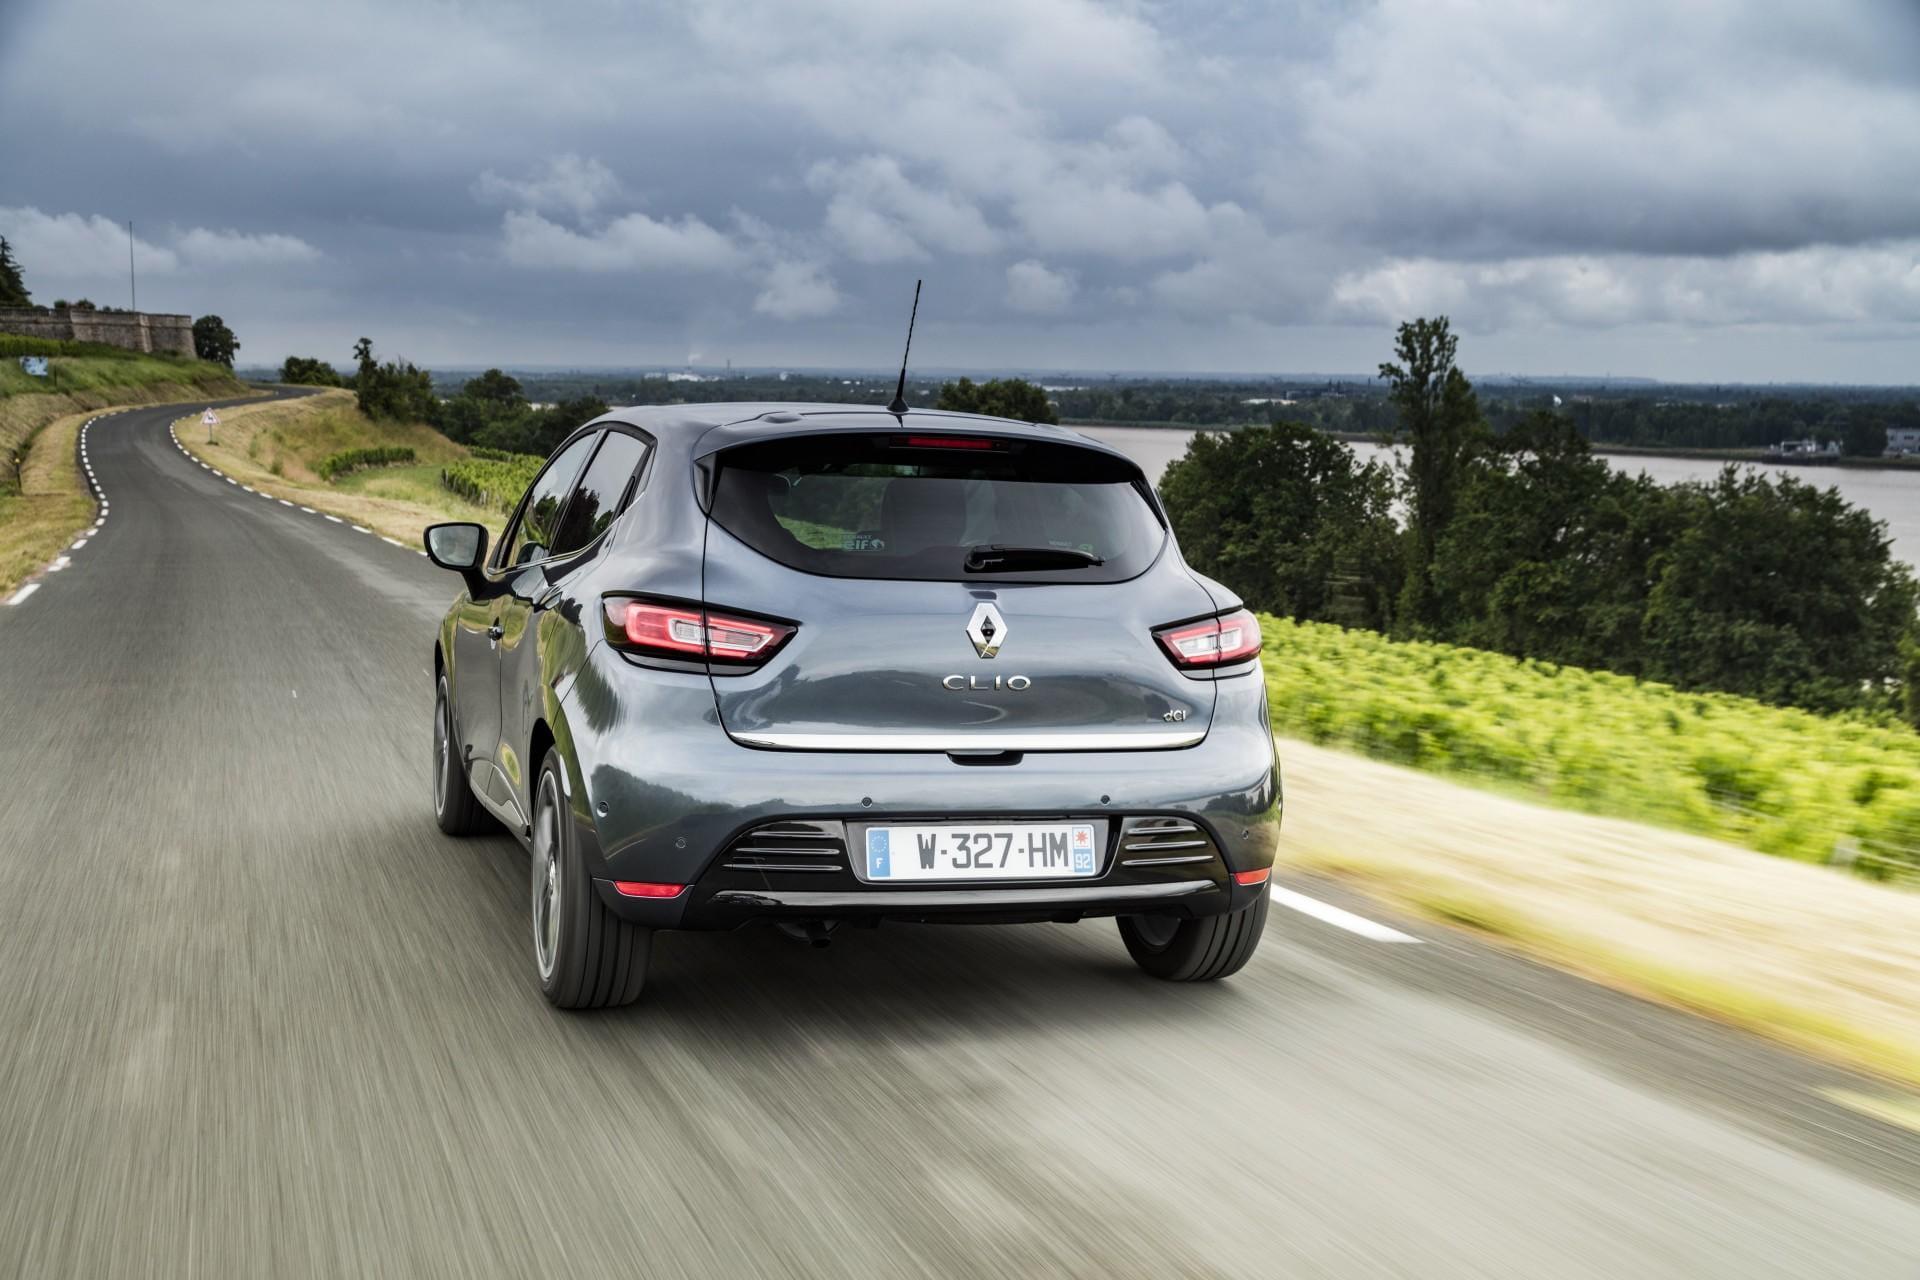 Renault clio precios prueba ficha t cnica fotos y noticias diariomotor - Clio 2008 5 puertas precio ...